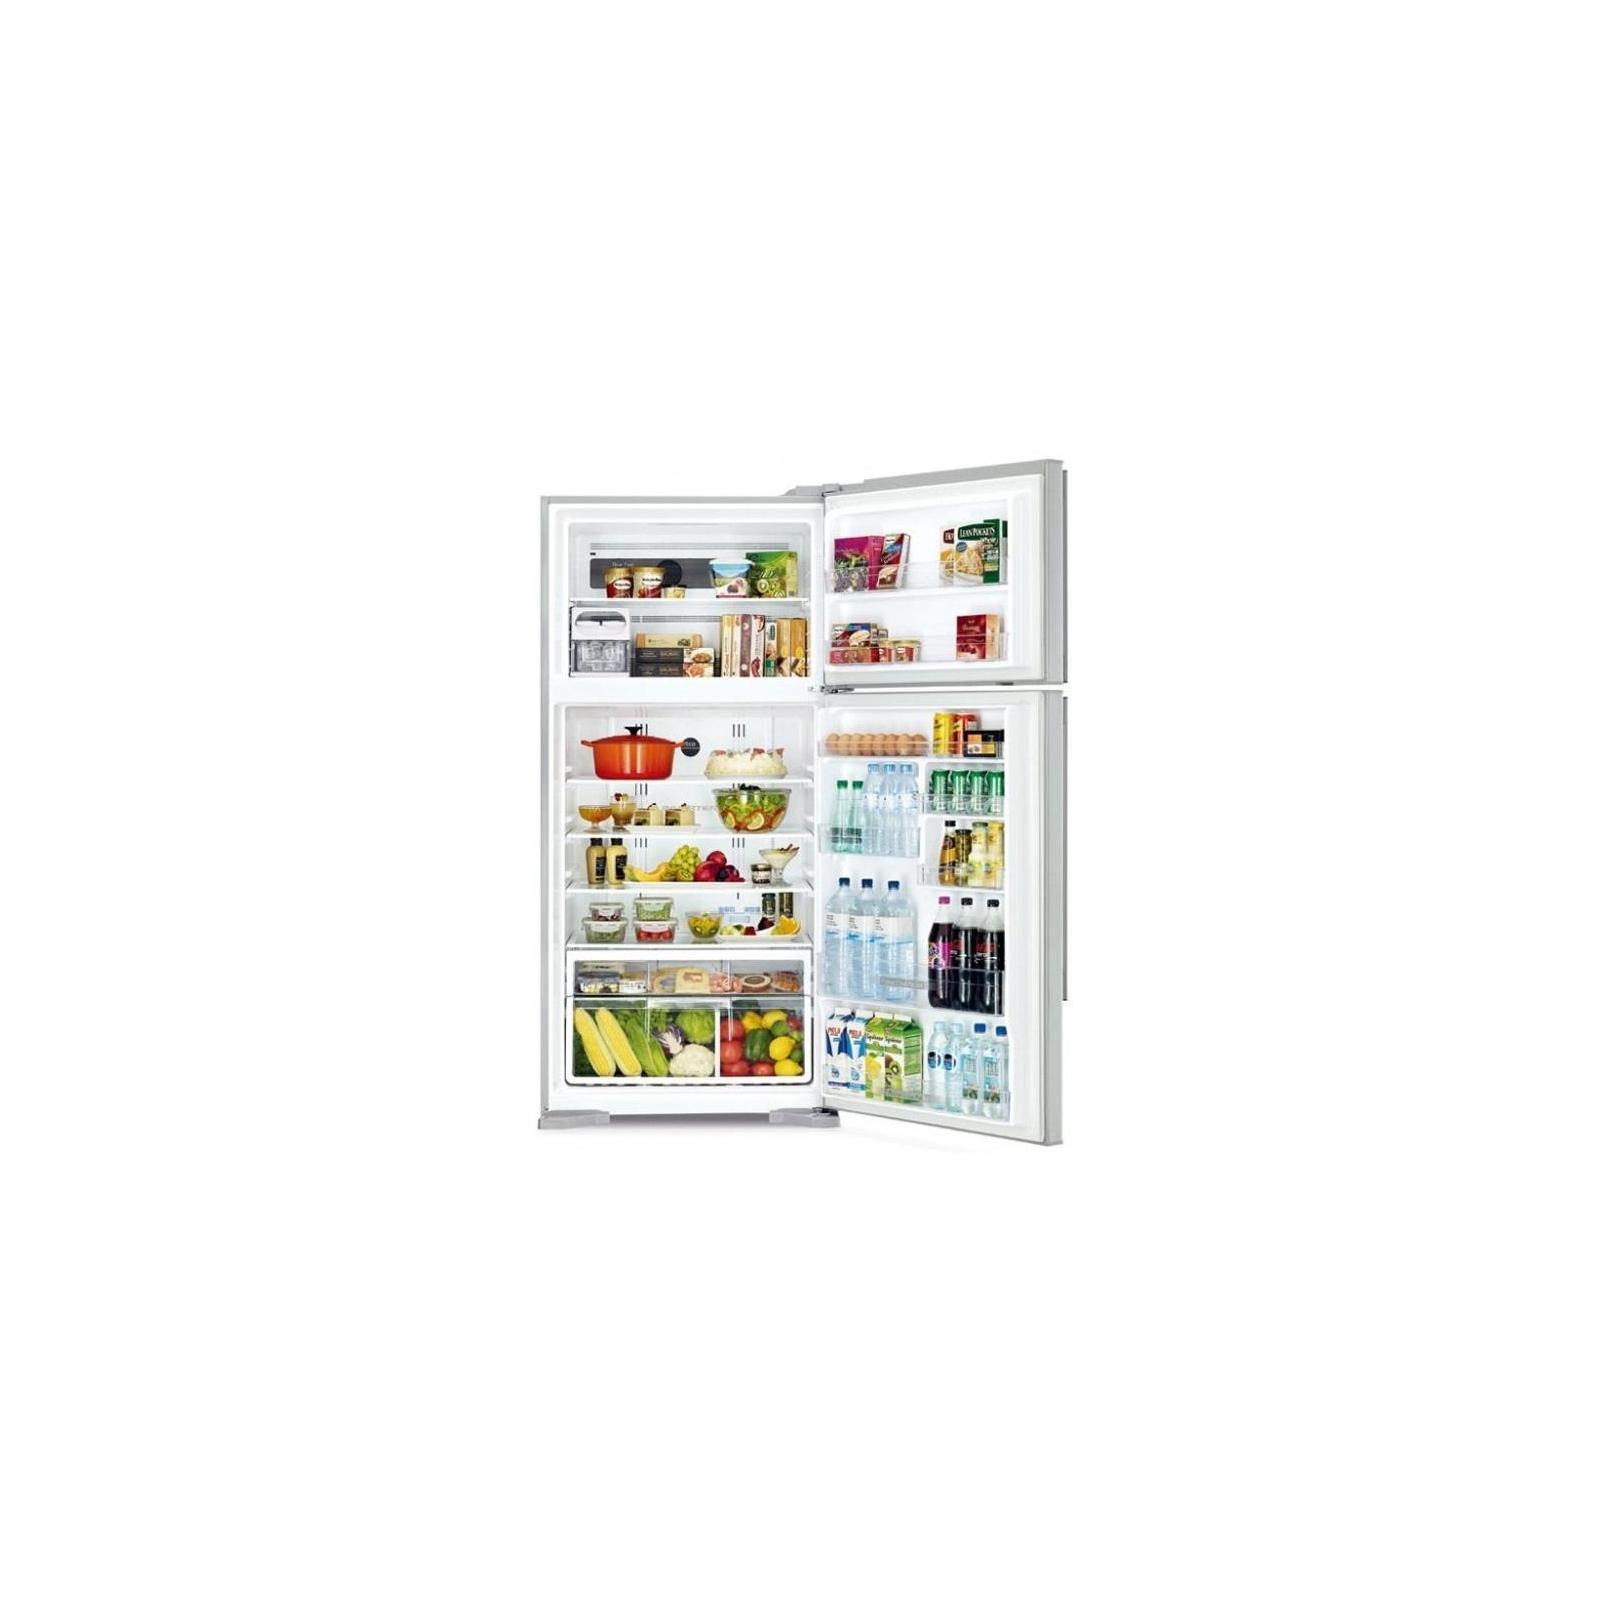 Холодильник Hitachi R-V610PUC7BSL изображение 3